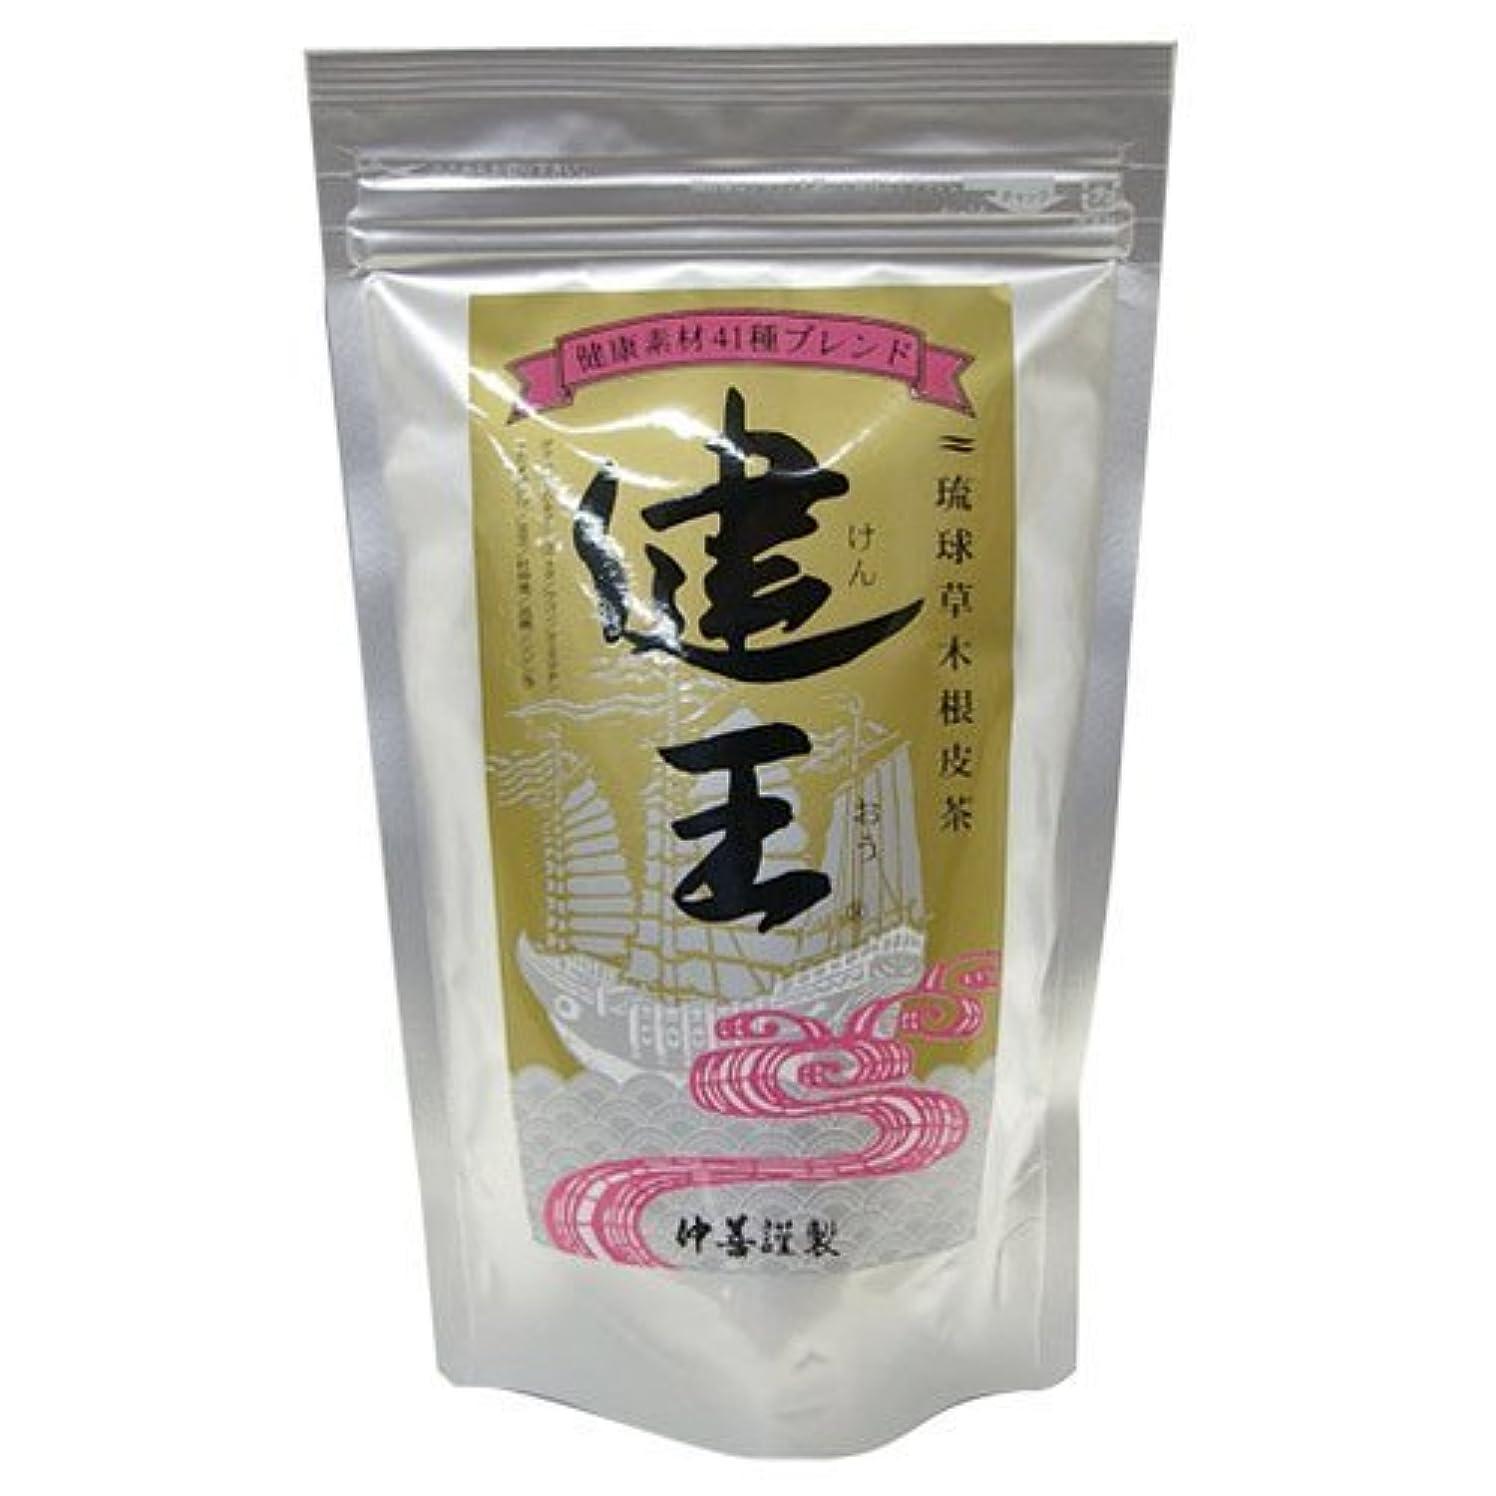 食料品店メッセンジャー上へ琉球草木根皮茶 健王 ティーバッグ 2g×30包